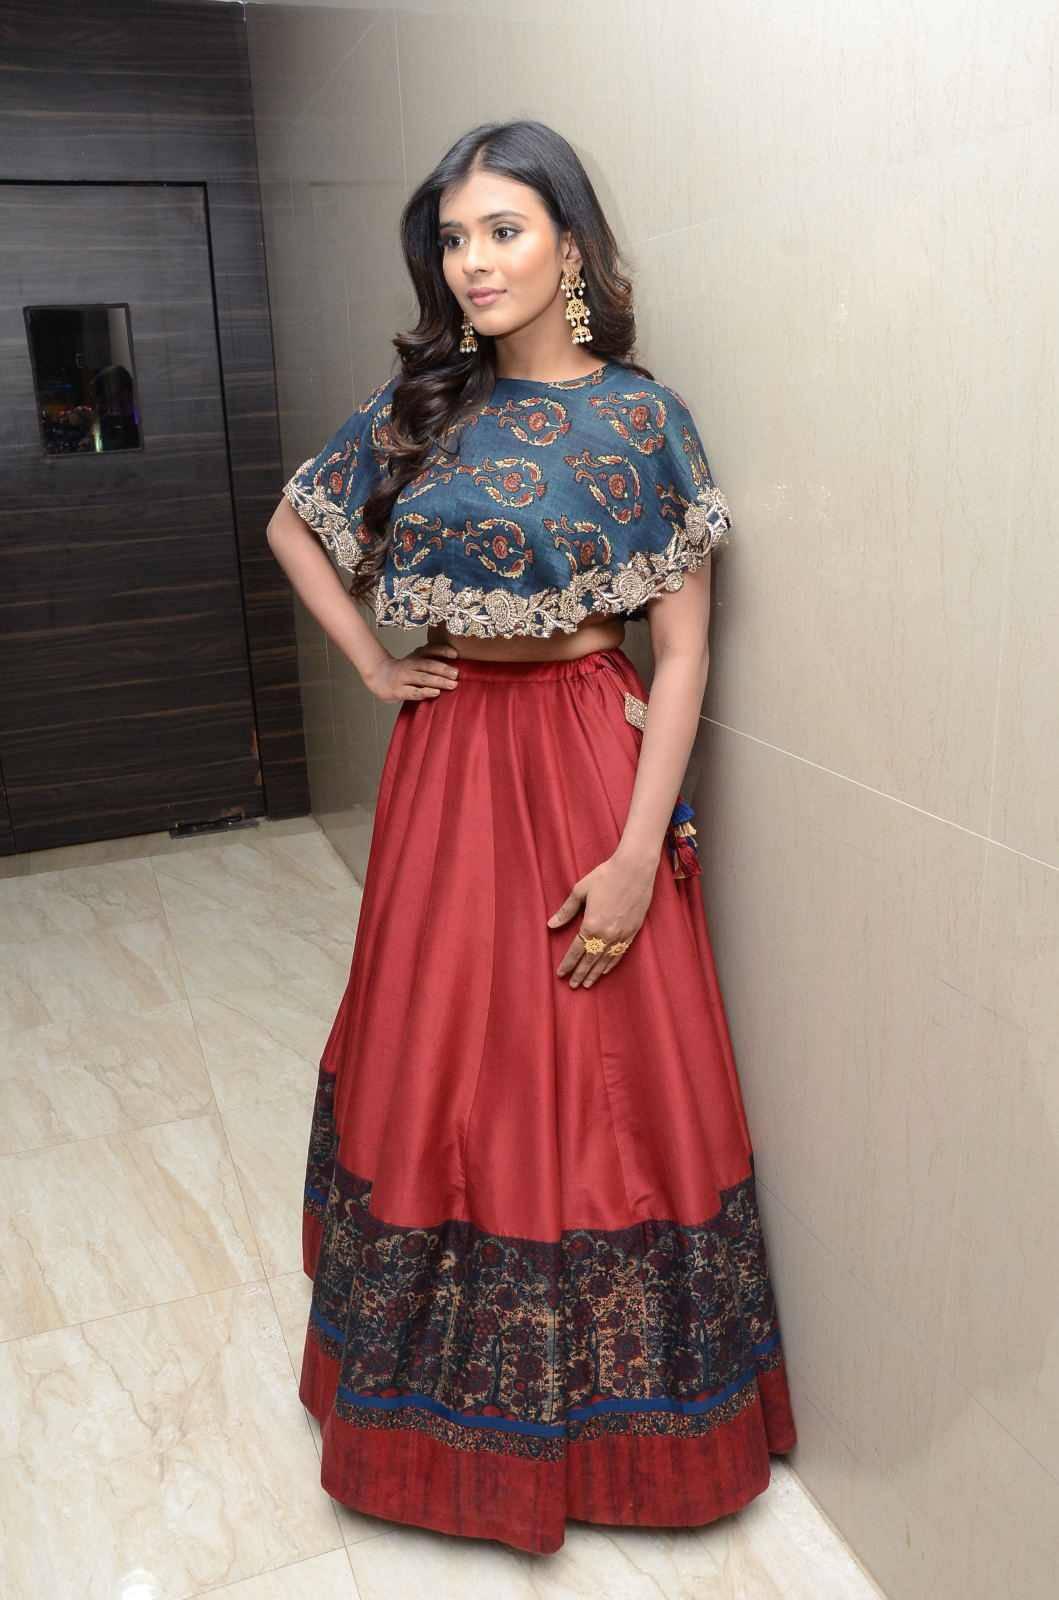 Hebah Patel Hip Show In Blue Top Red Lehenga At Movie Success Meet